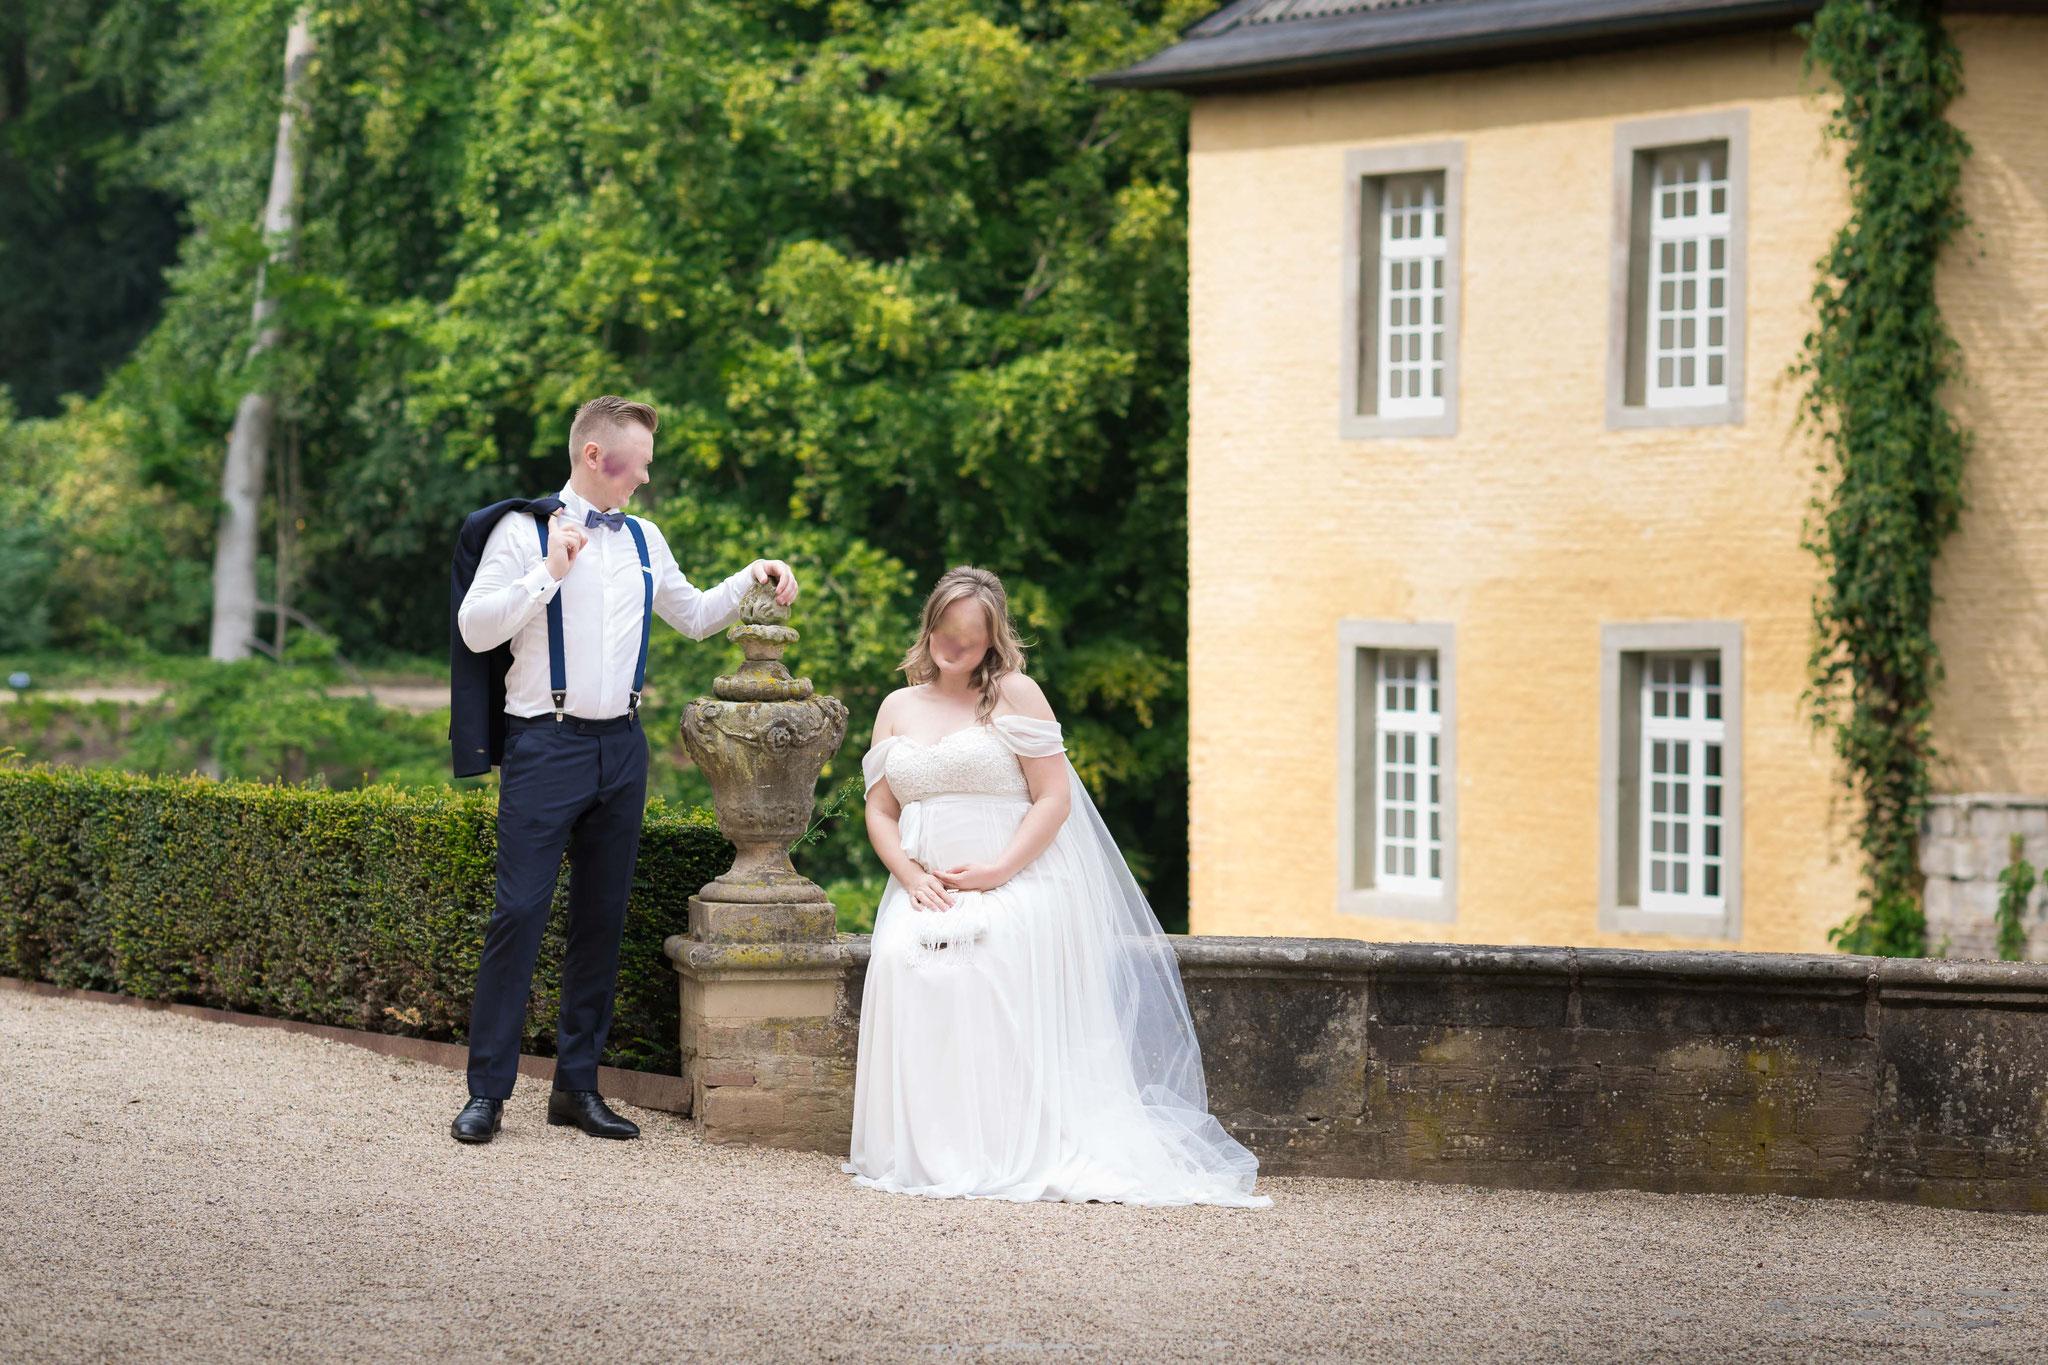 Brautpaar Shooting im Schlosspark Dyck in Neuss